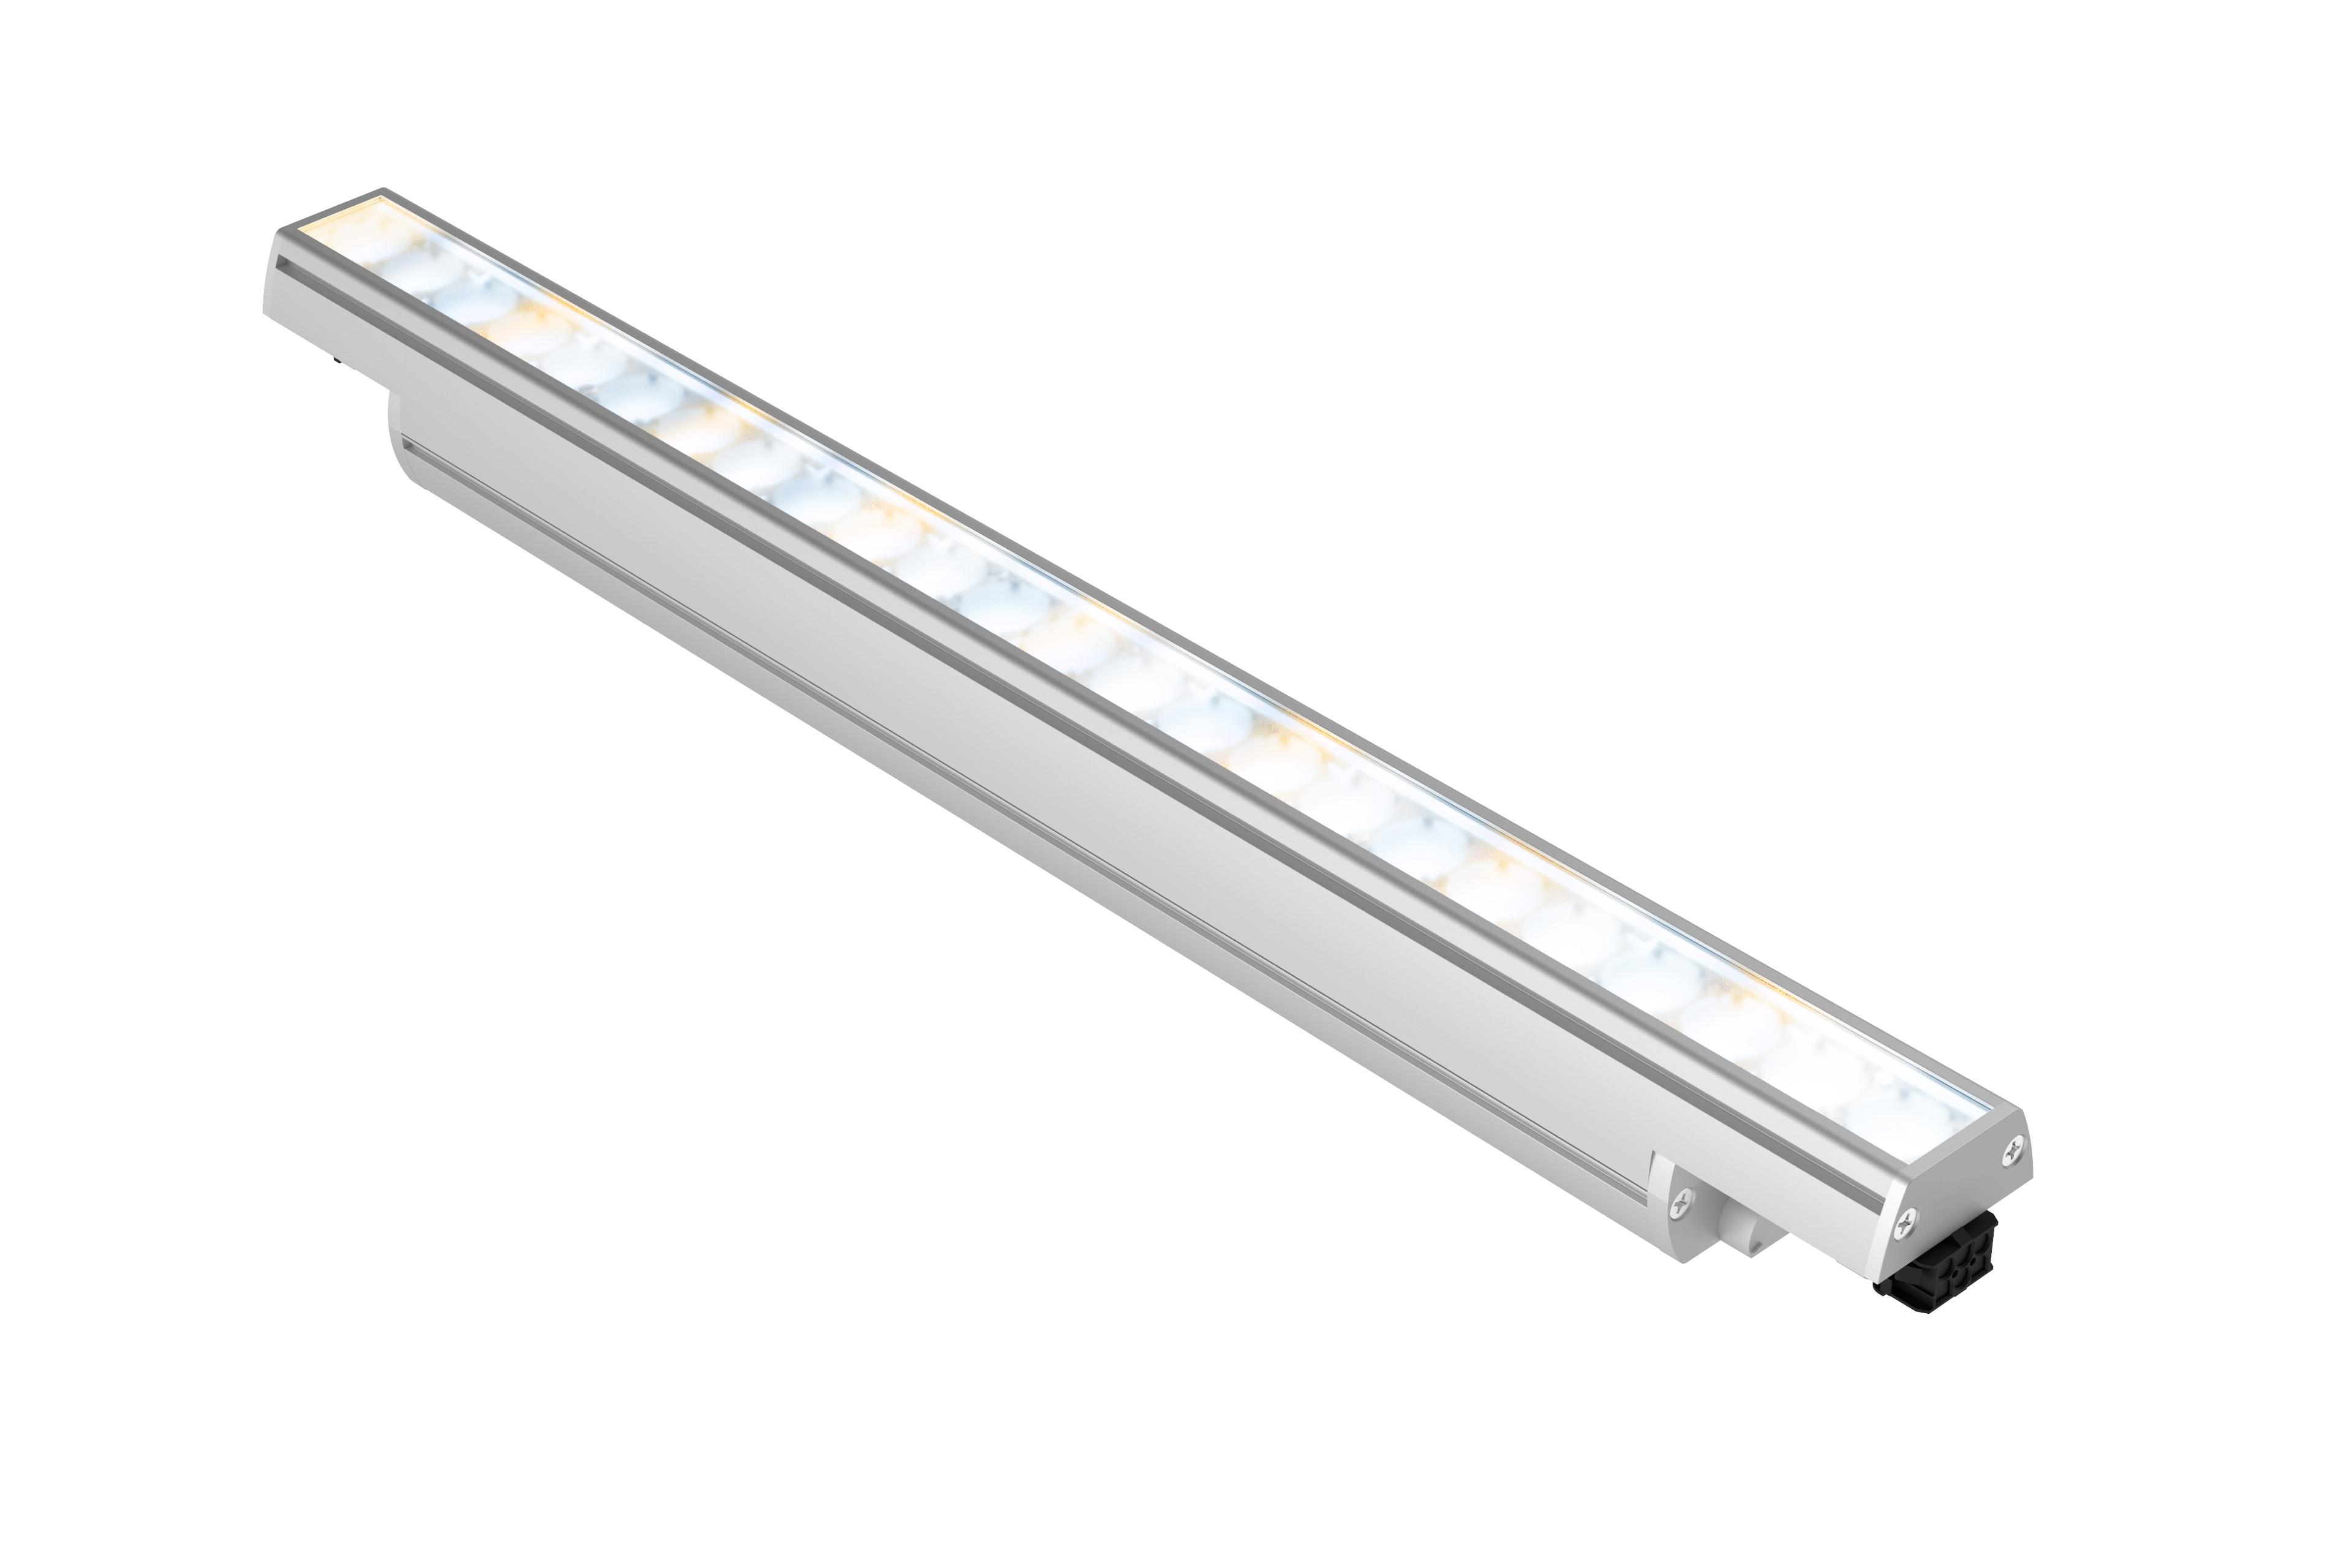 MARKLINE 501 Surface Luminaire